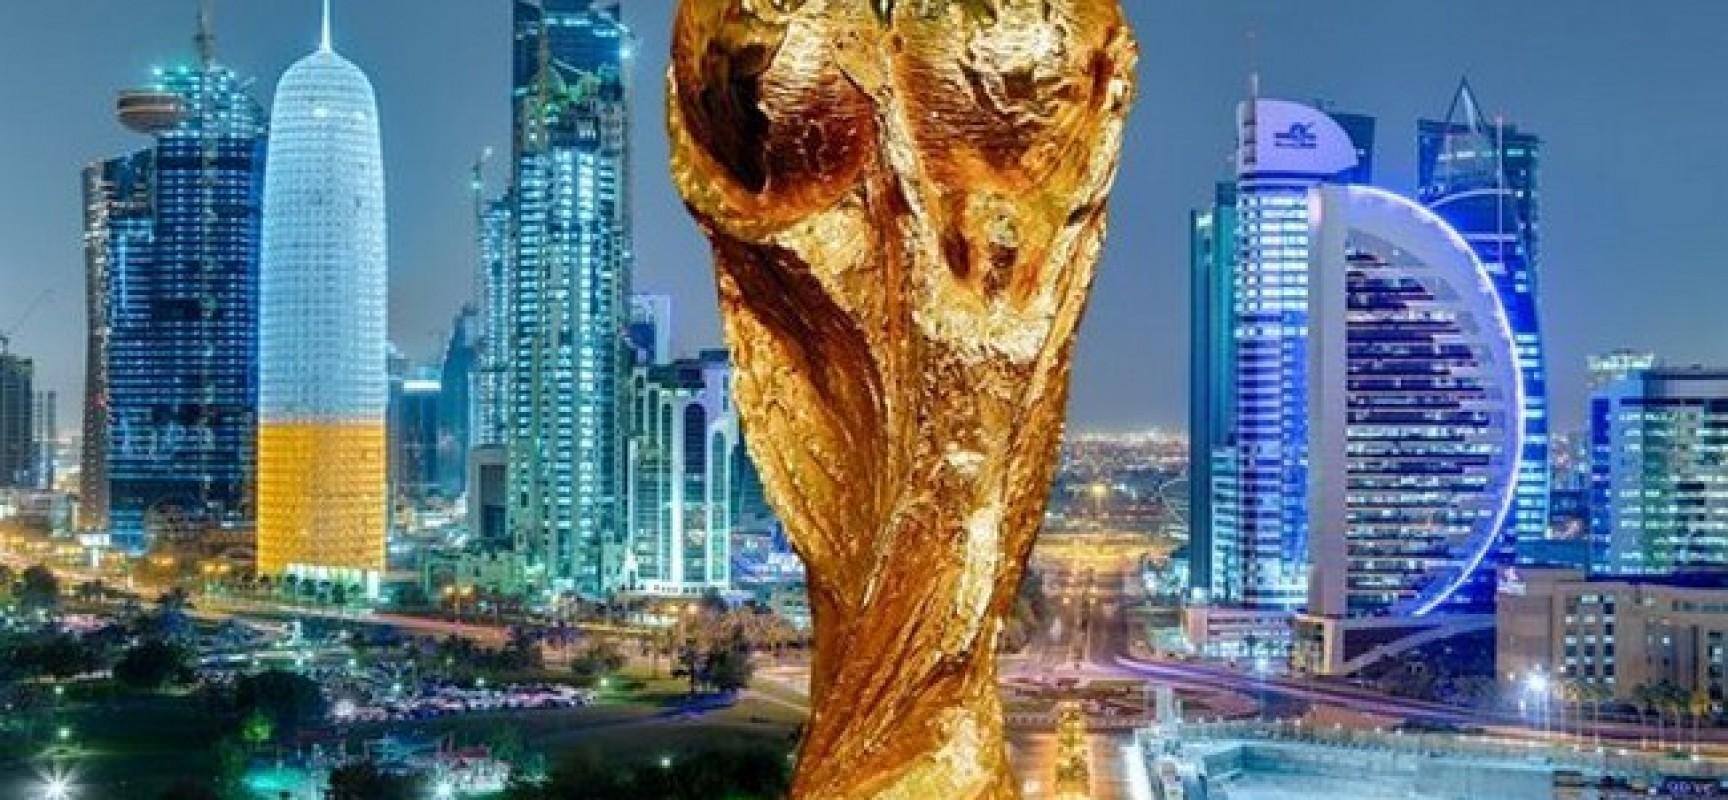 Éliminatoires de la zone afrique/coupe du monde qatar 2022: Comment le Qatar a acheté la Coupe du Monde 2022   Réseau ...